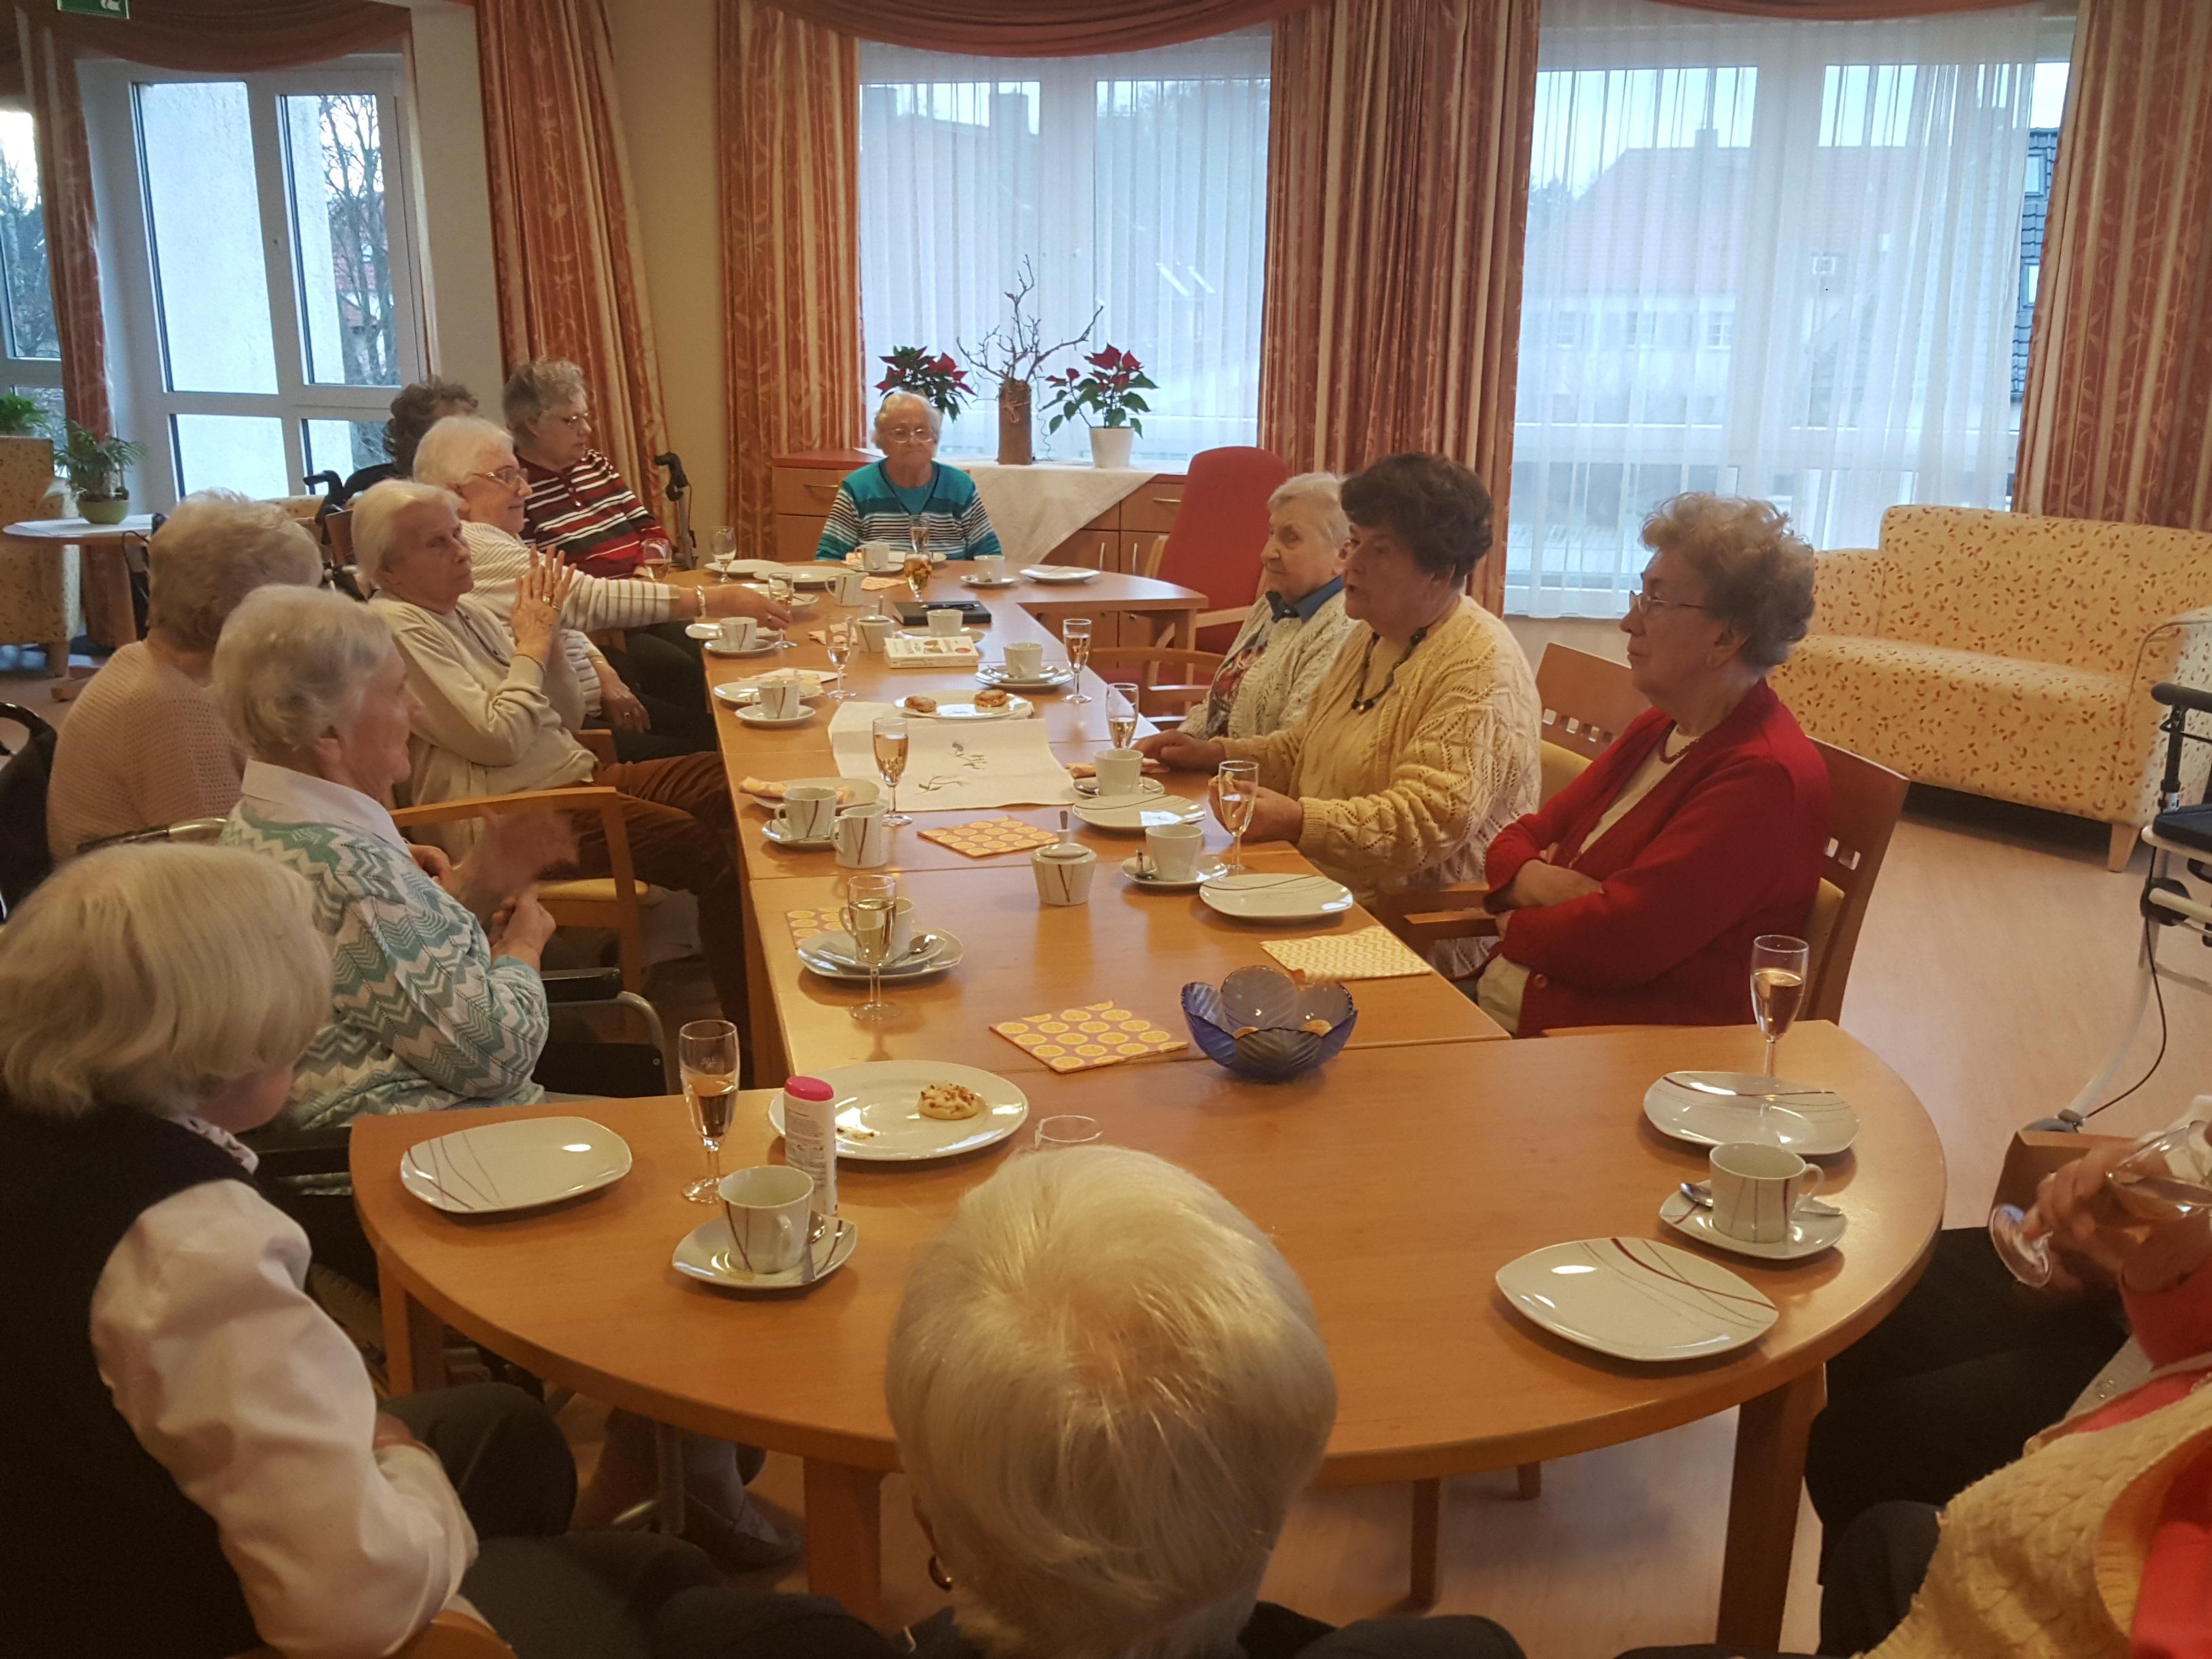 Frauen treffen in nordhausen